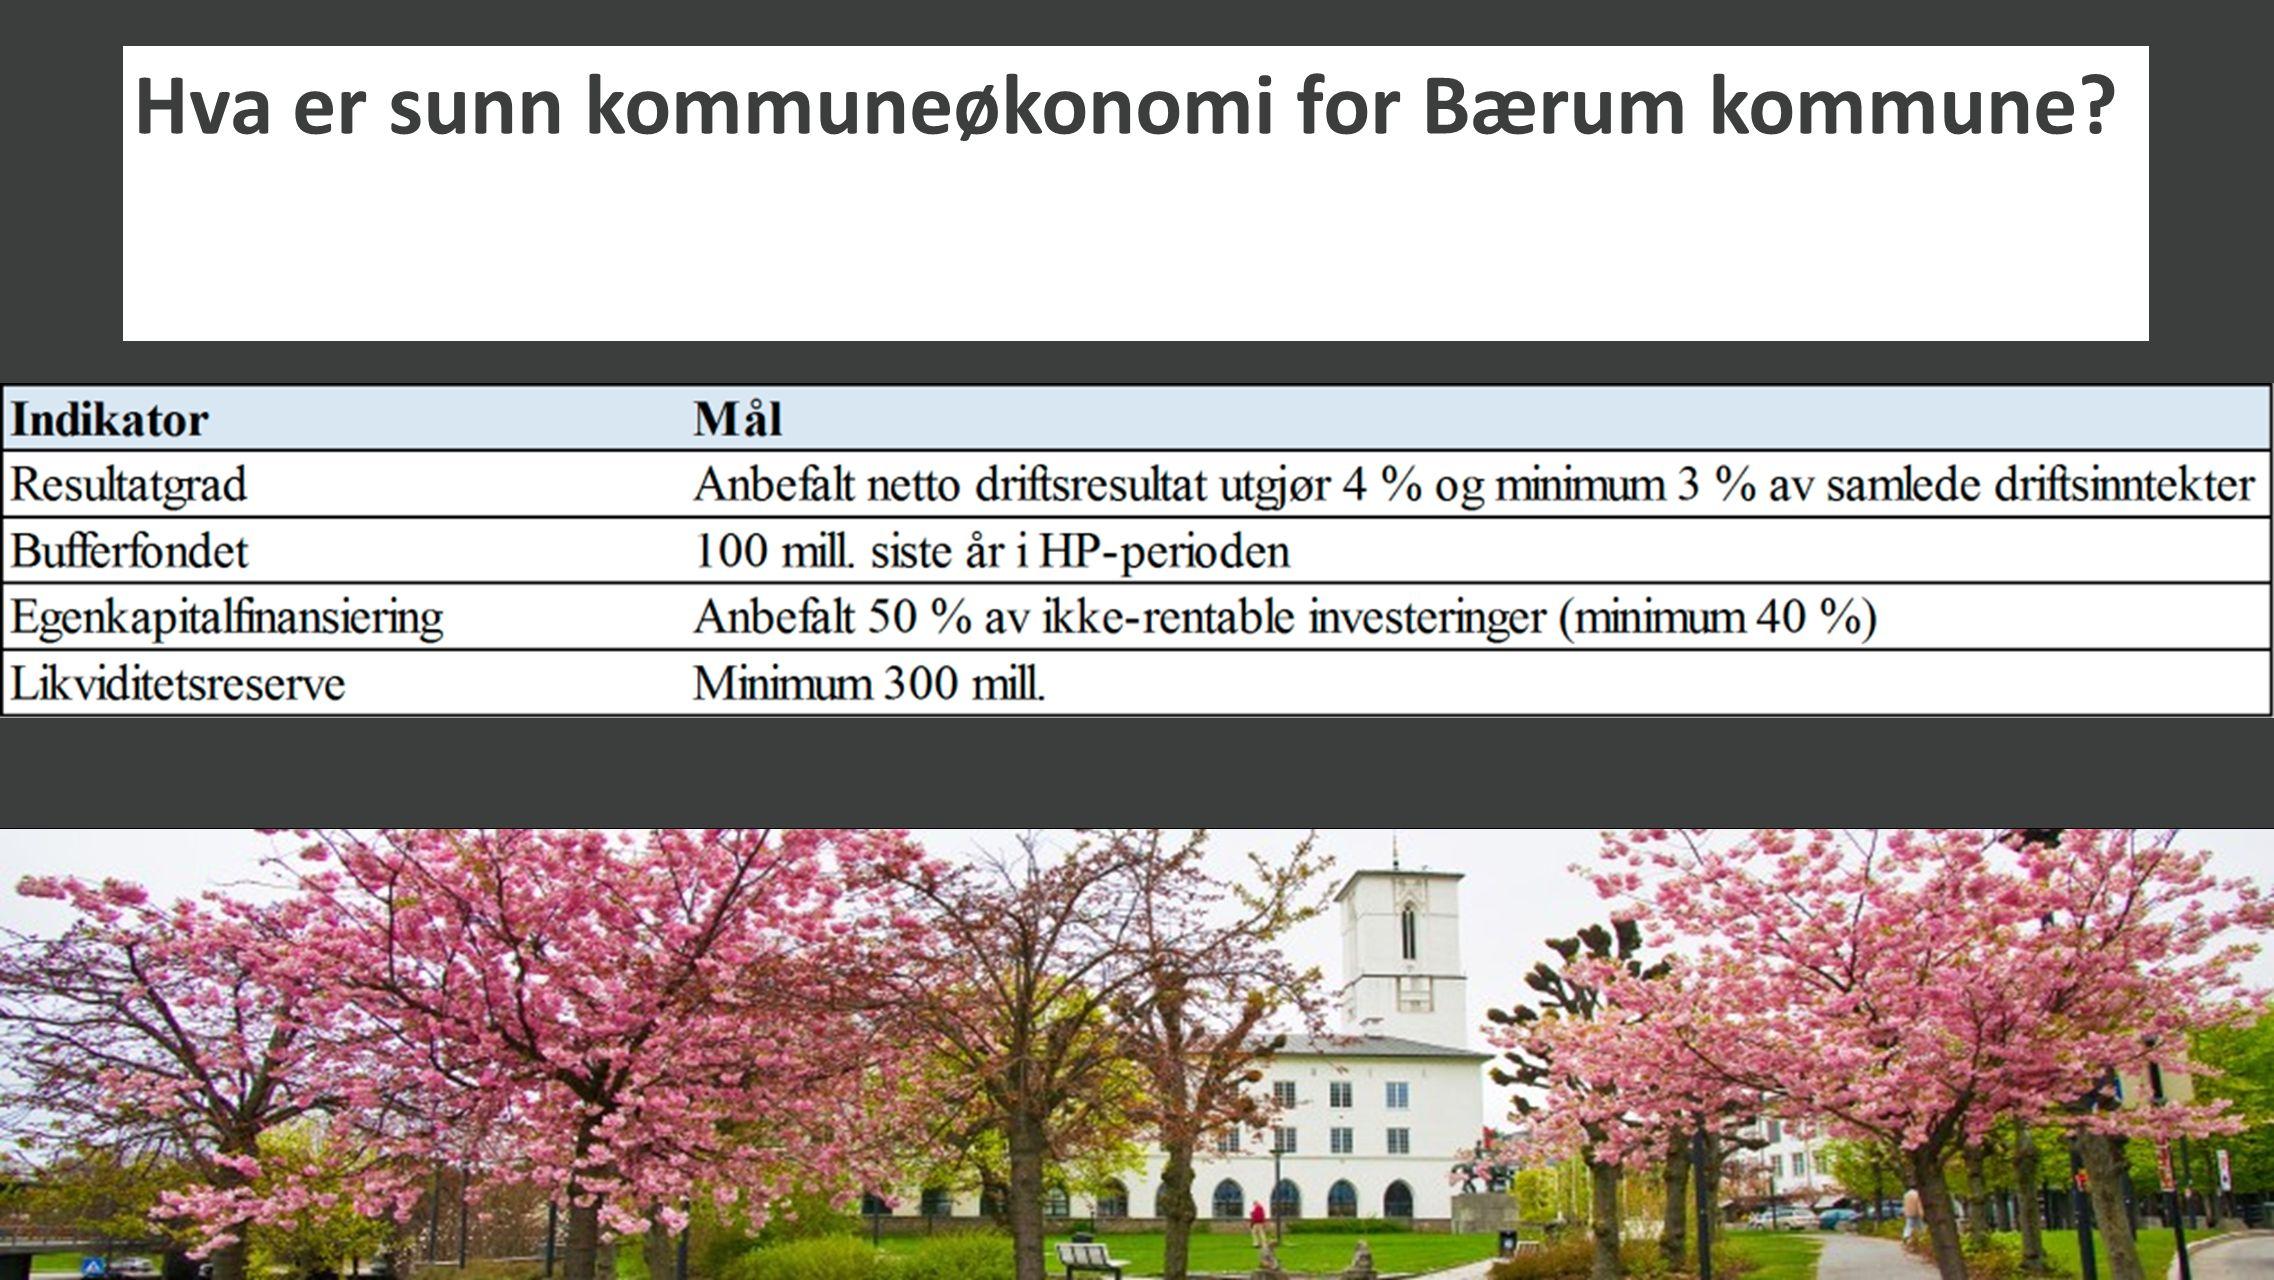 Hva er sunn kommuneøkonomi for Bærum kommune Skal suppleres med nøkkeltall for «sunt vedlikehold»